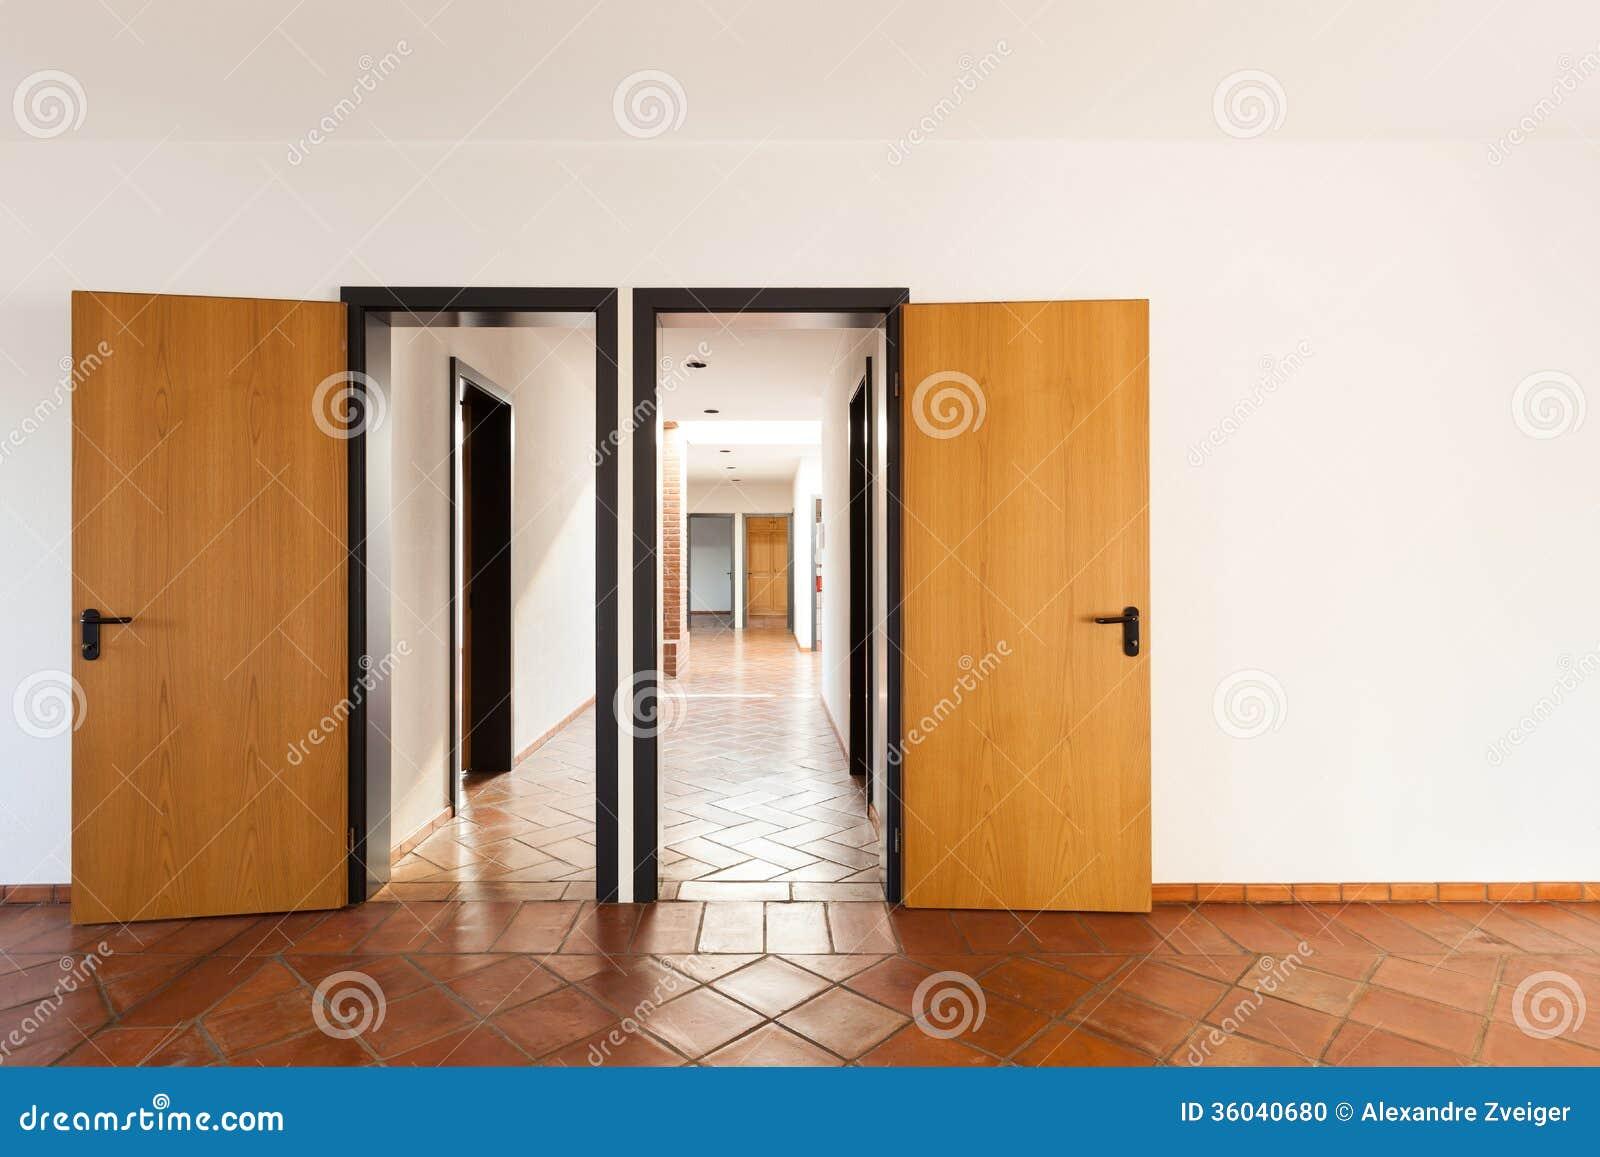 Innen Leerer Raum Mit Zwei Turen Stockfoto Bild Von Haupt Raum